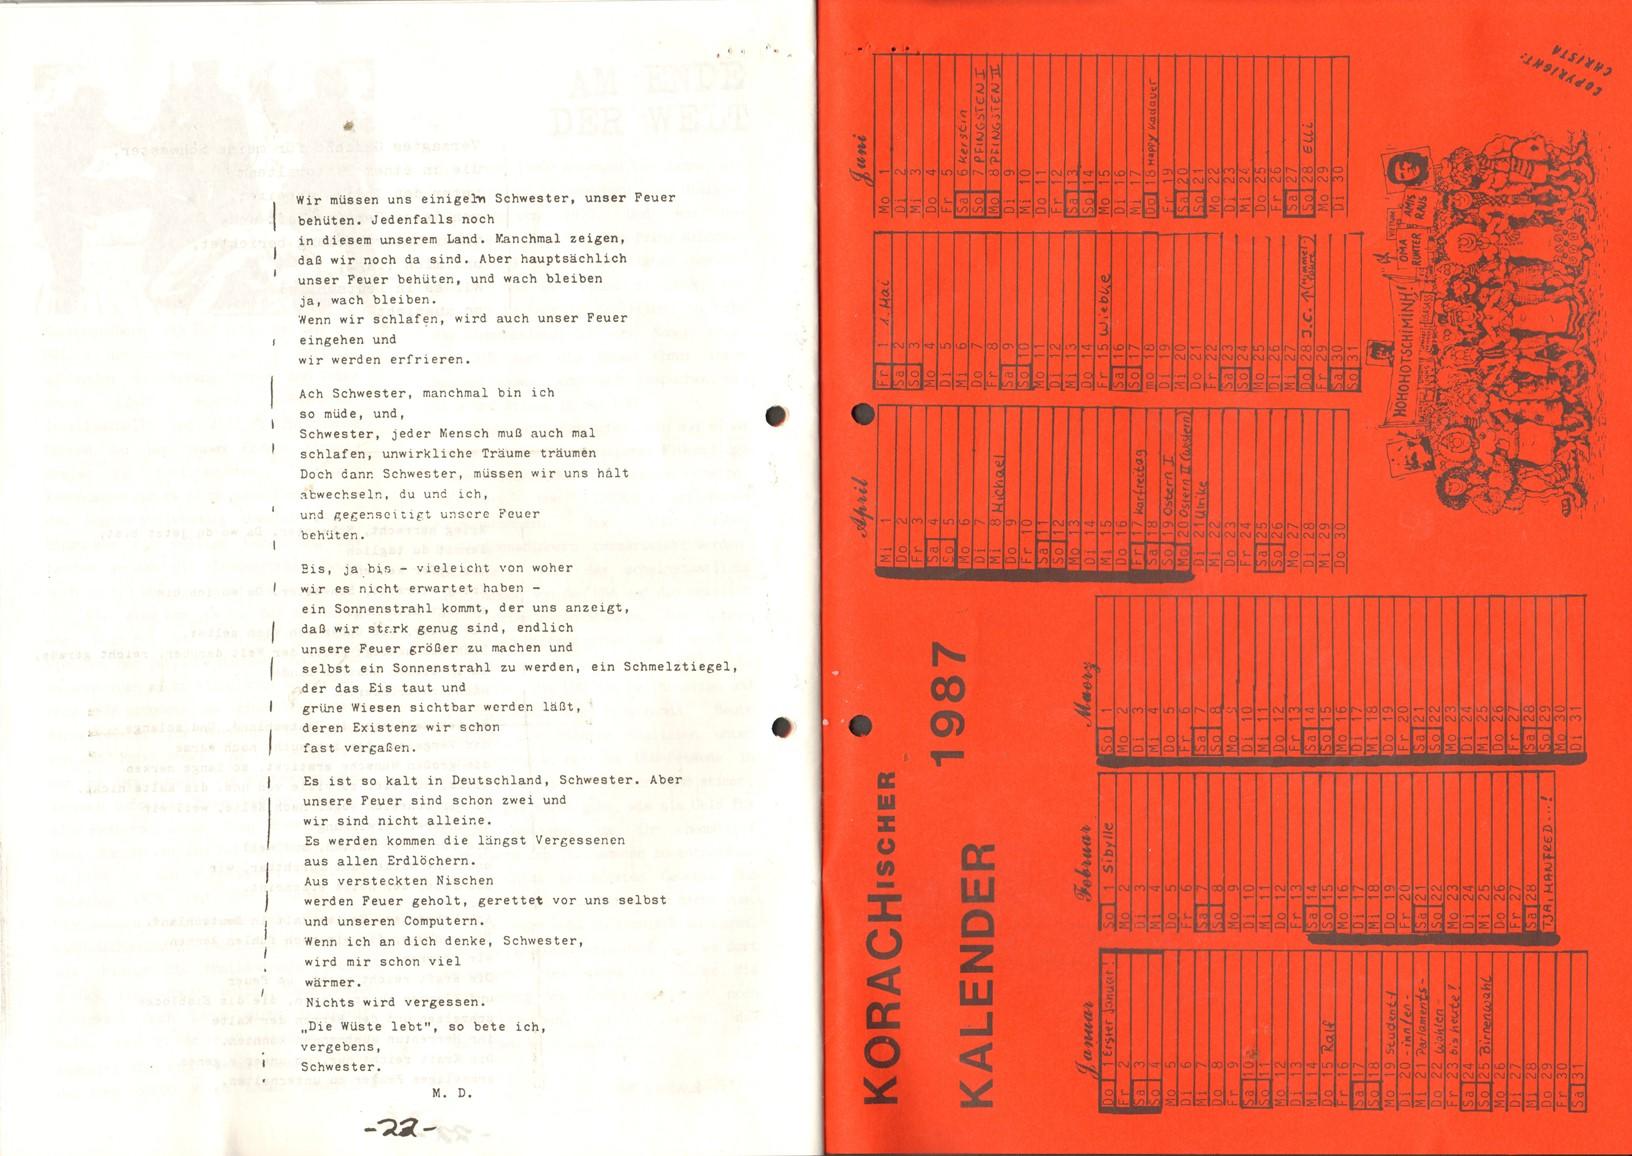 Muenster_Roter_Korach_19861200_12